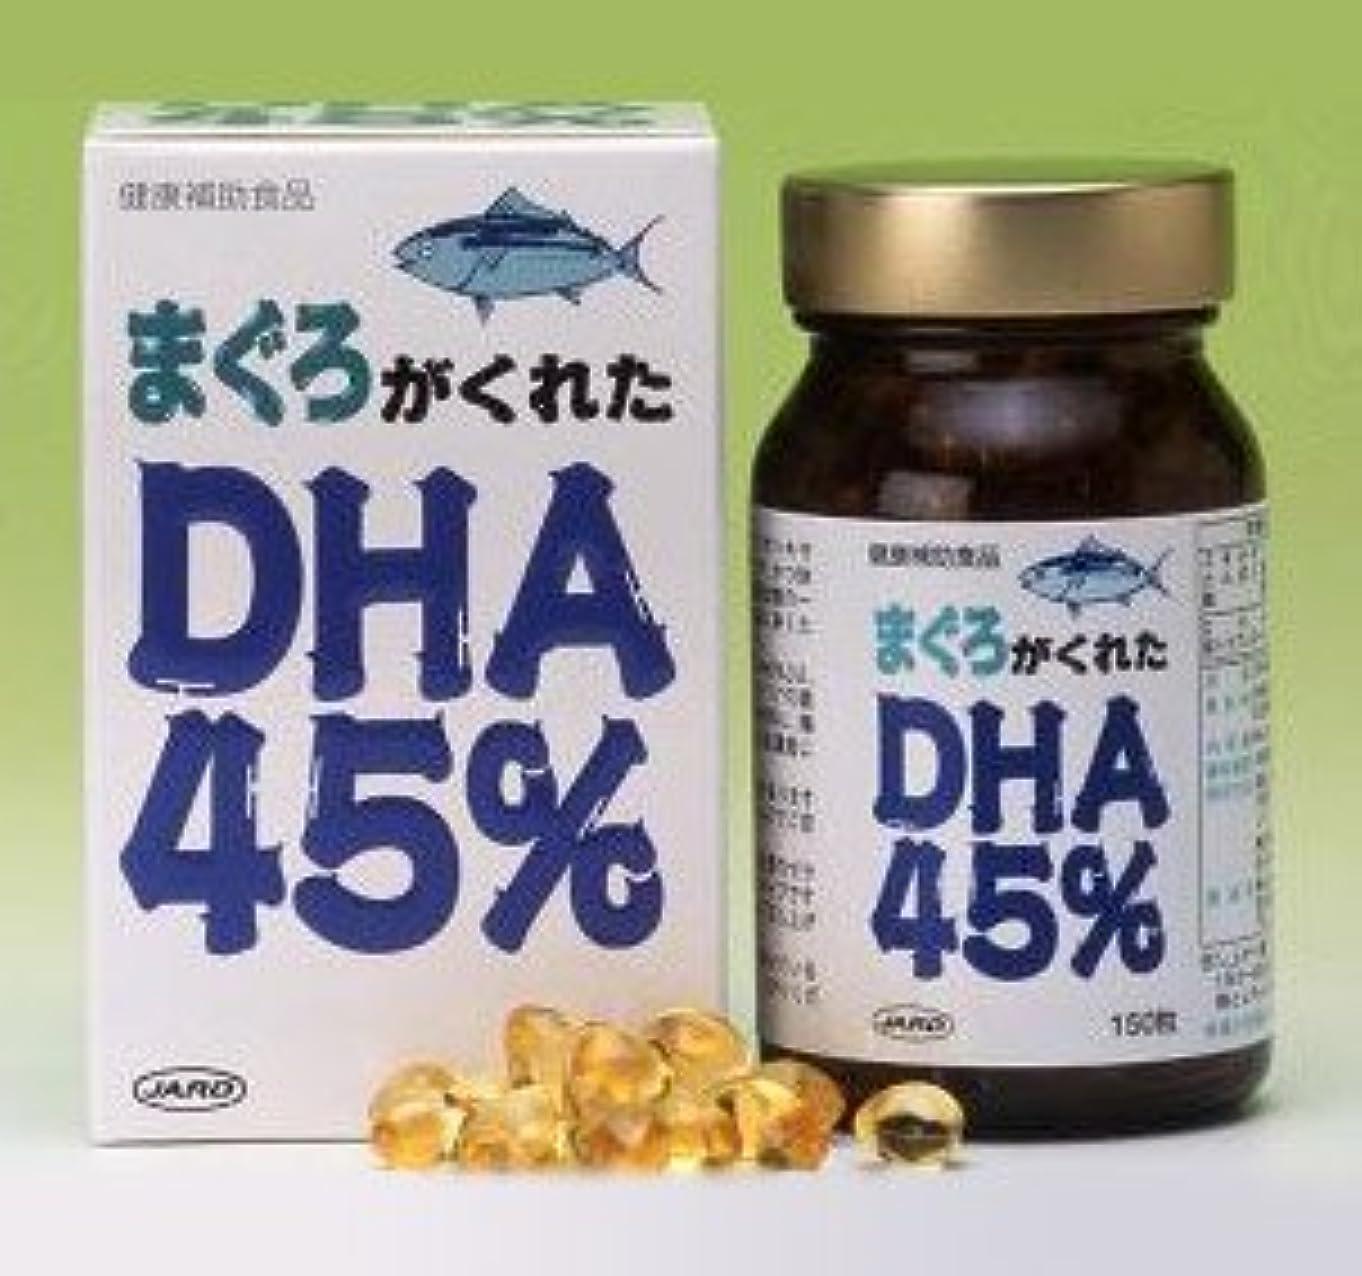 ピンチ成功したスイッチまぐろがくれたDHA45%(単品)ジャード